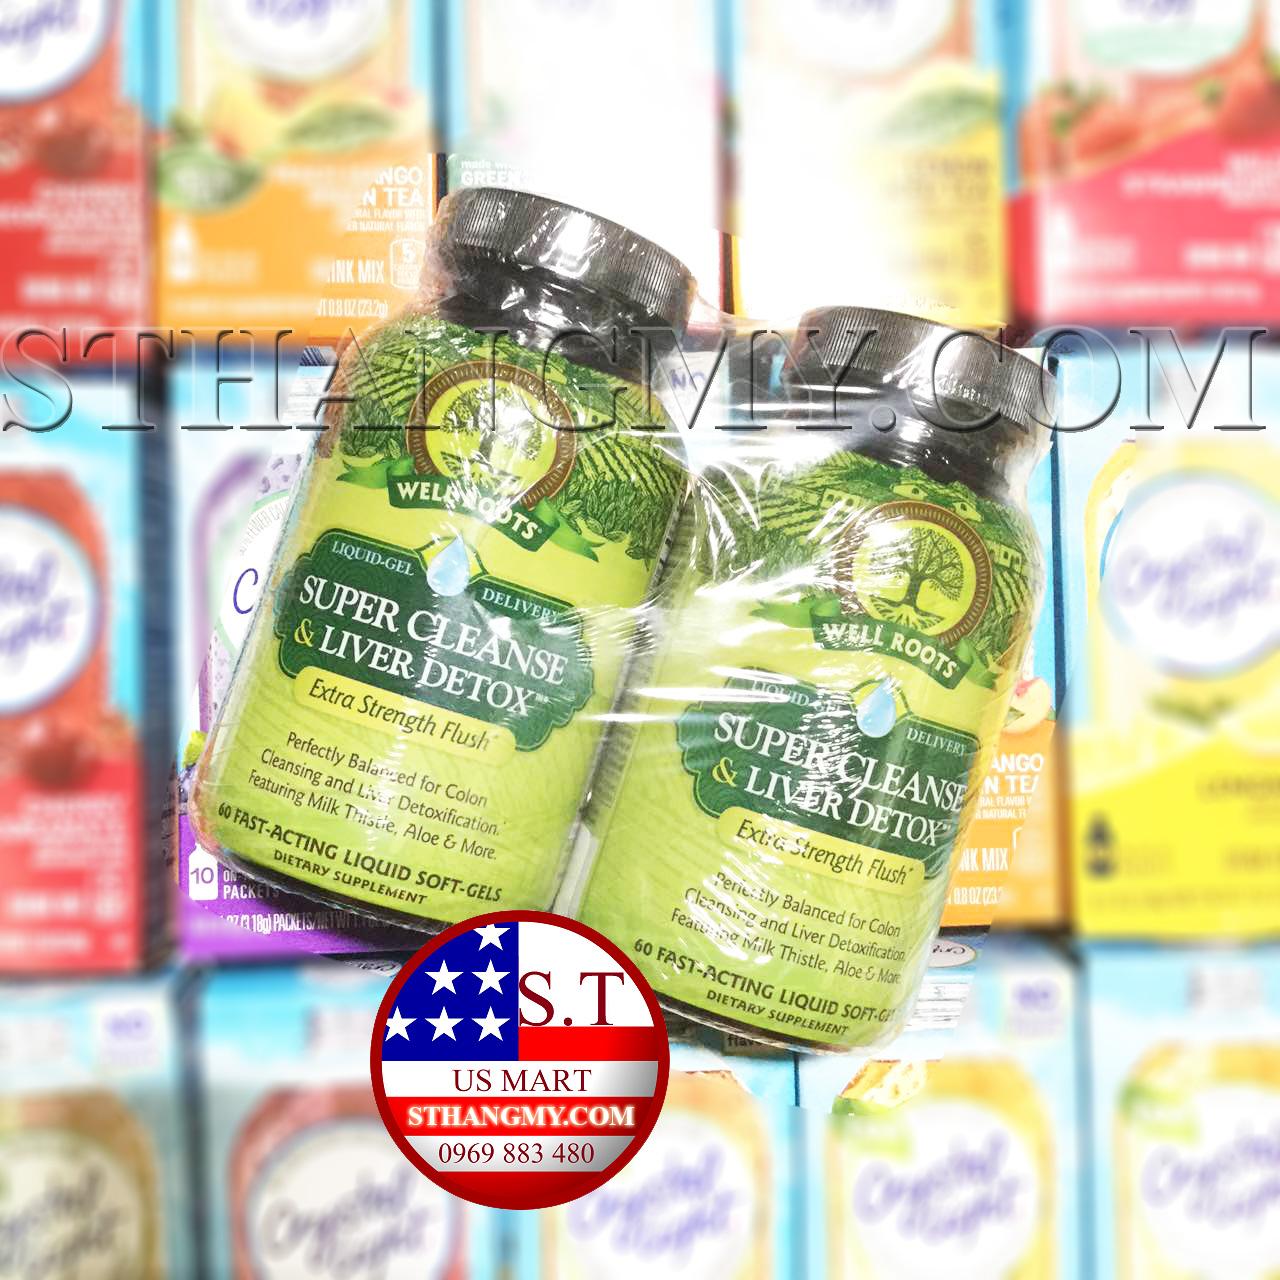 Thuốc giải độc gan và thanh lọc cơ thể Well Roots Super Cleanse & Liver Detox (Pack 2 hộp x 60 viên)